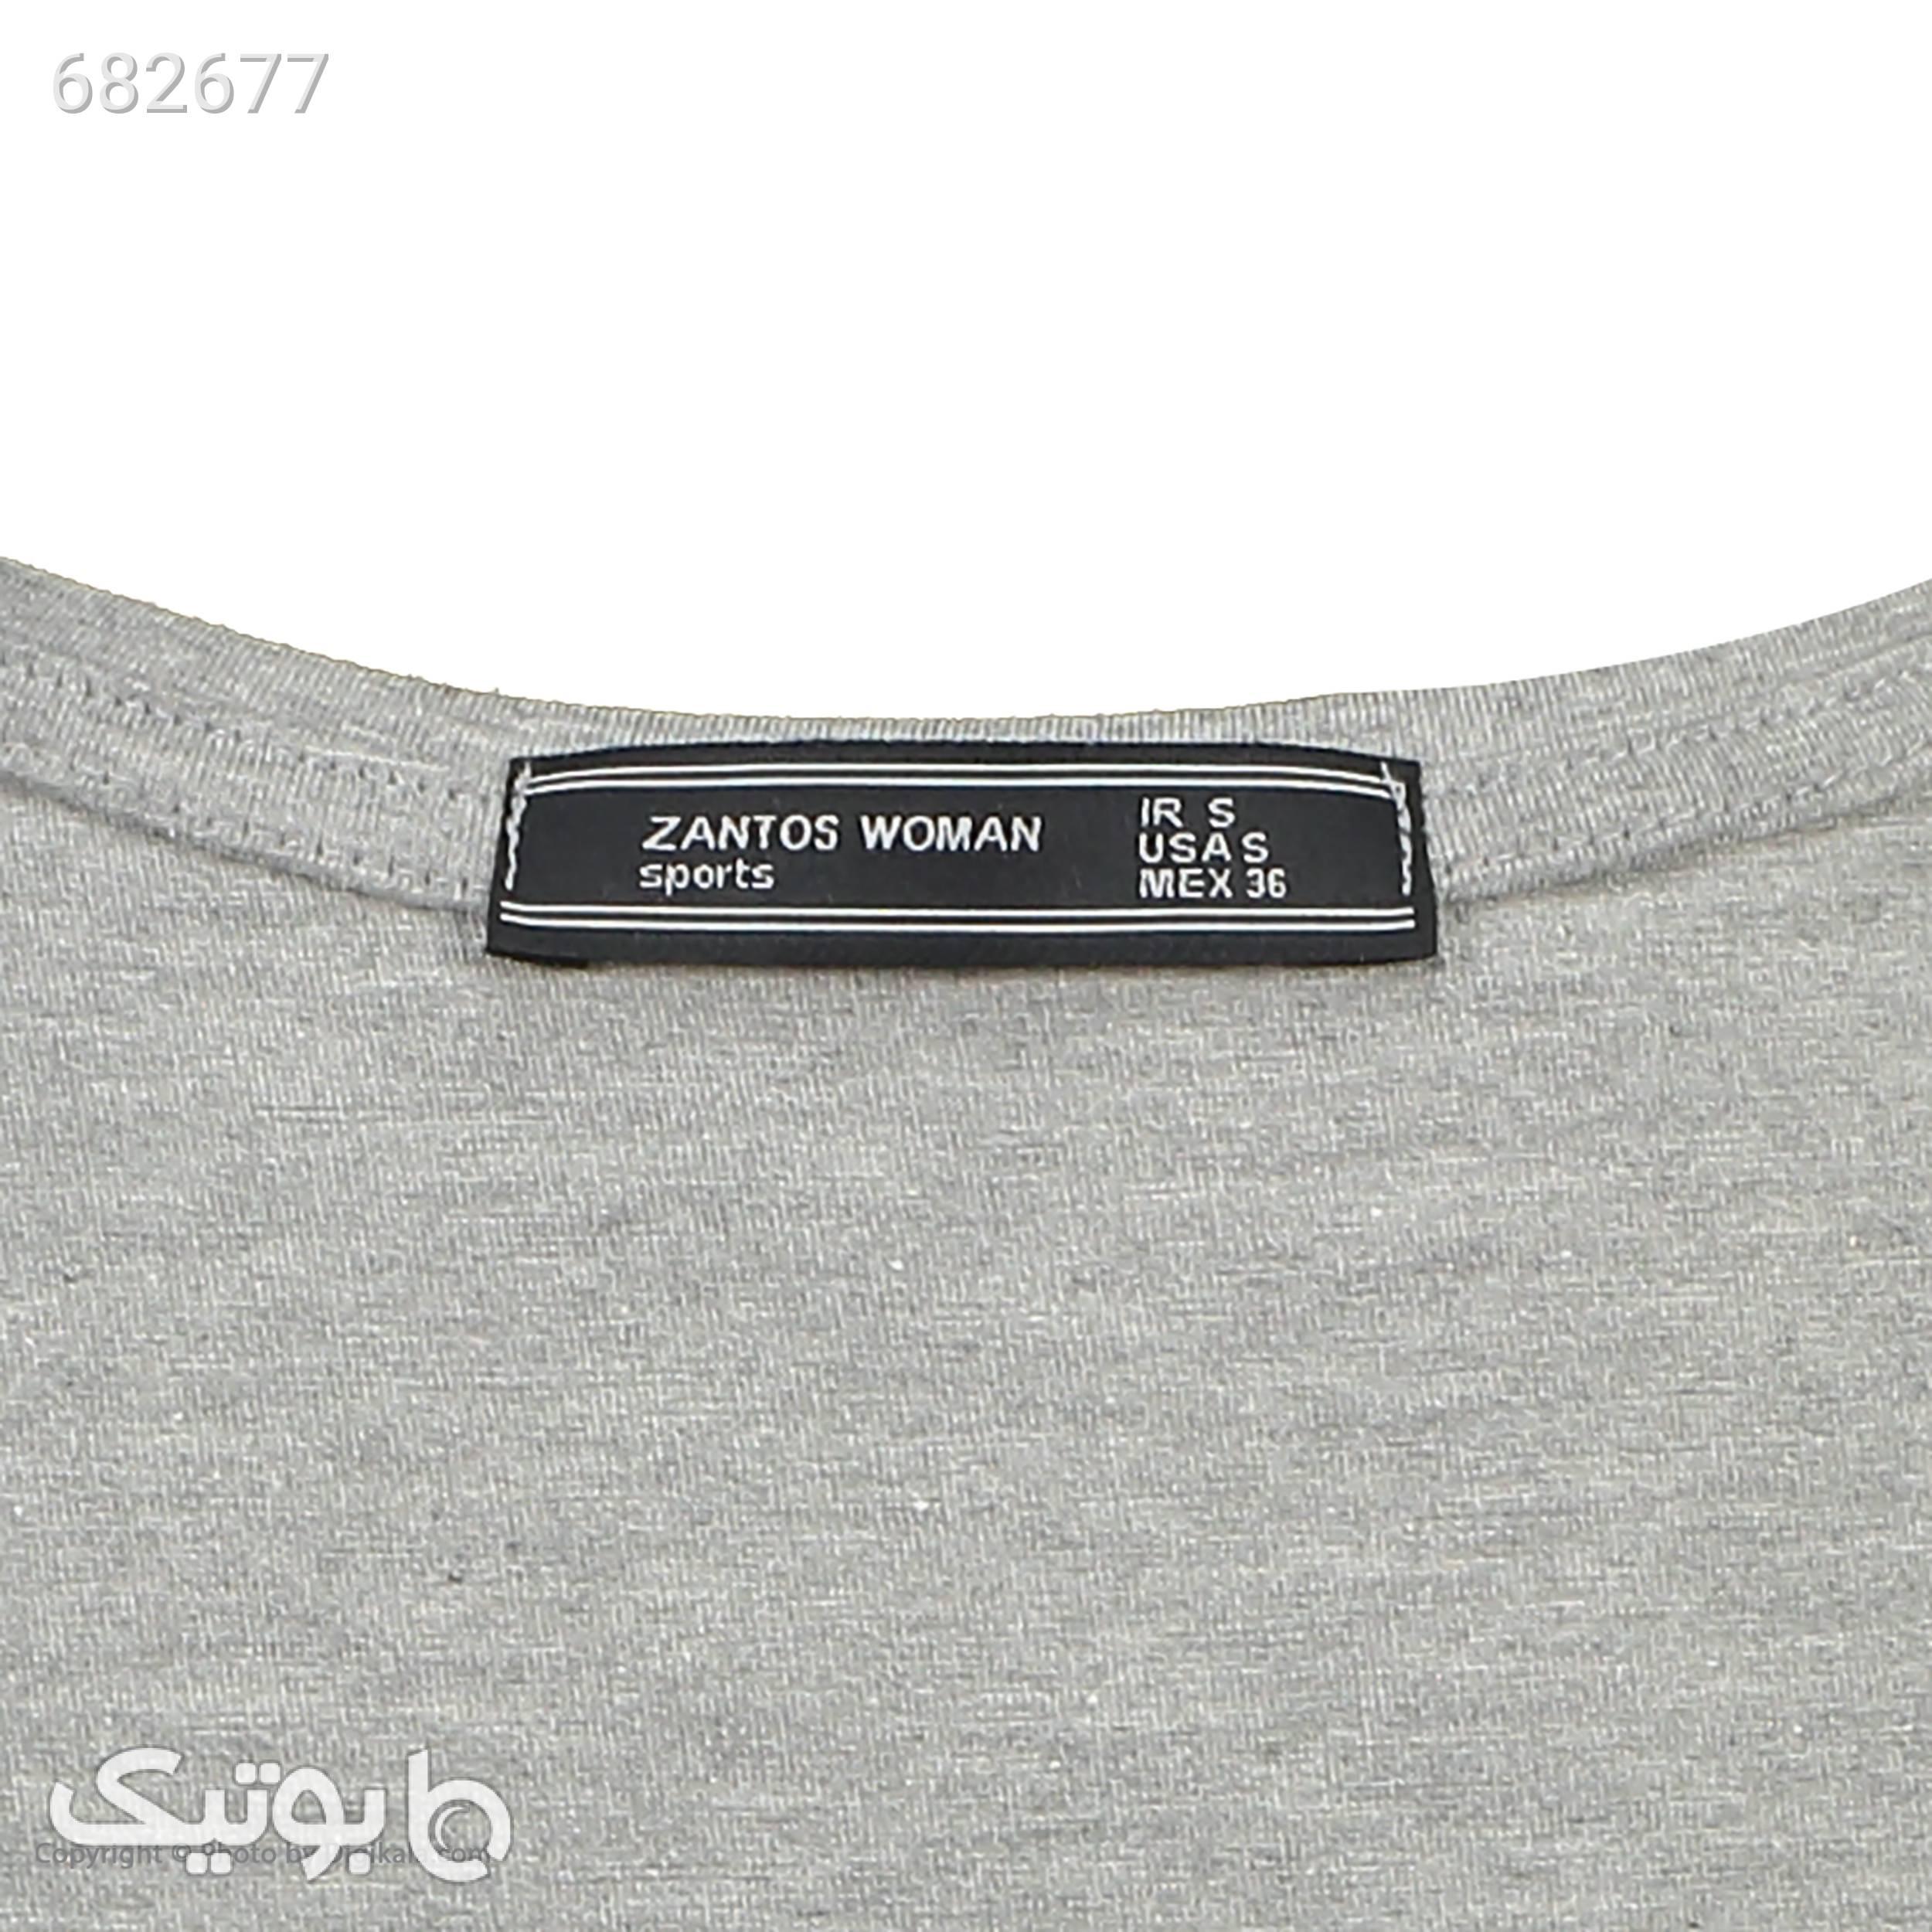 تی شرت زنانه زانتوس مدل 9843793 طوسی تی شرت زنانه